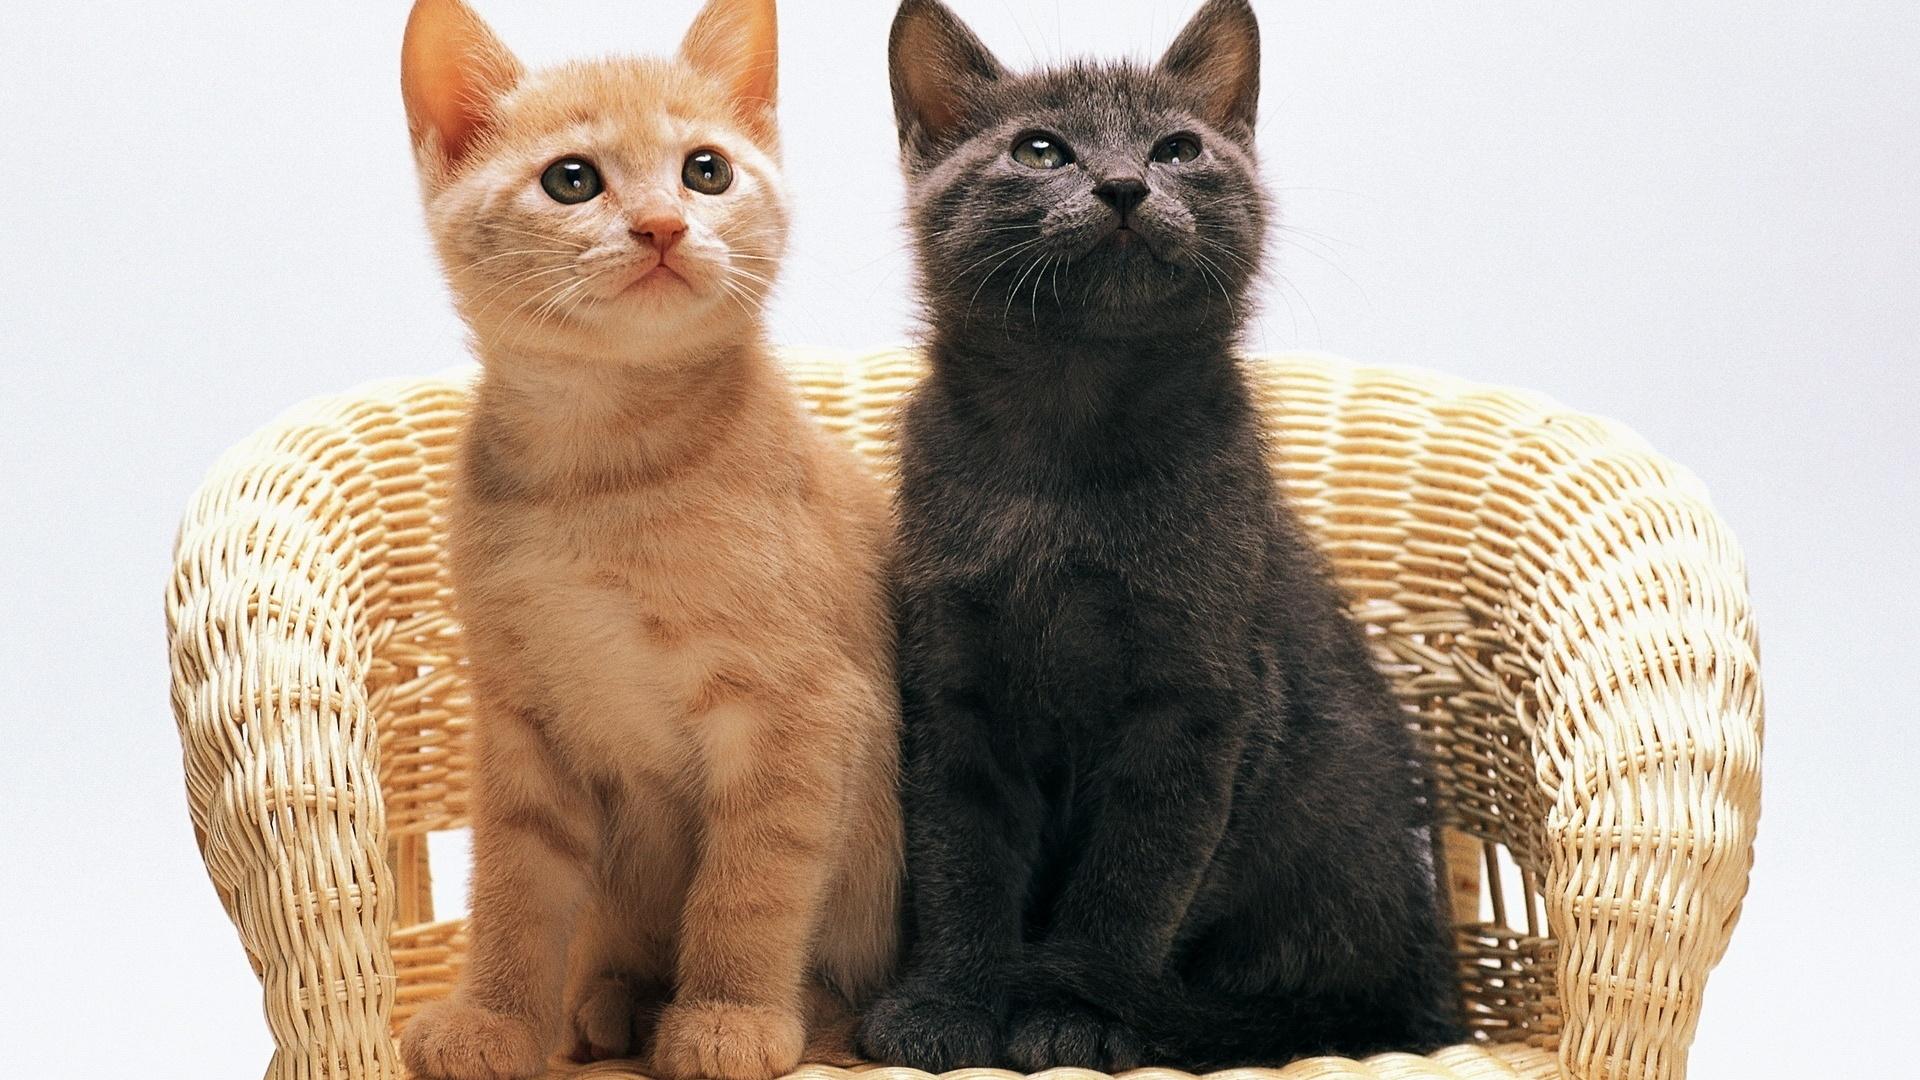 нескольких картинки рыжего и серого кота обожают